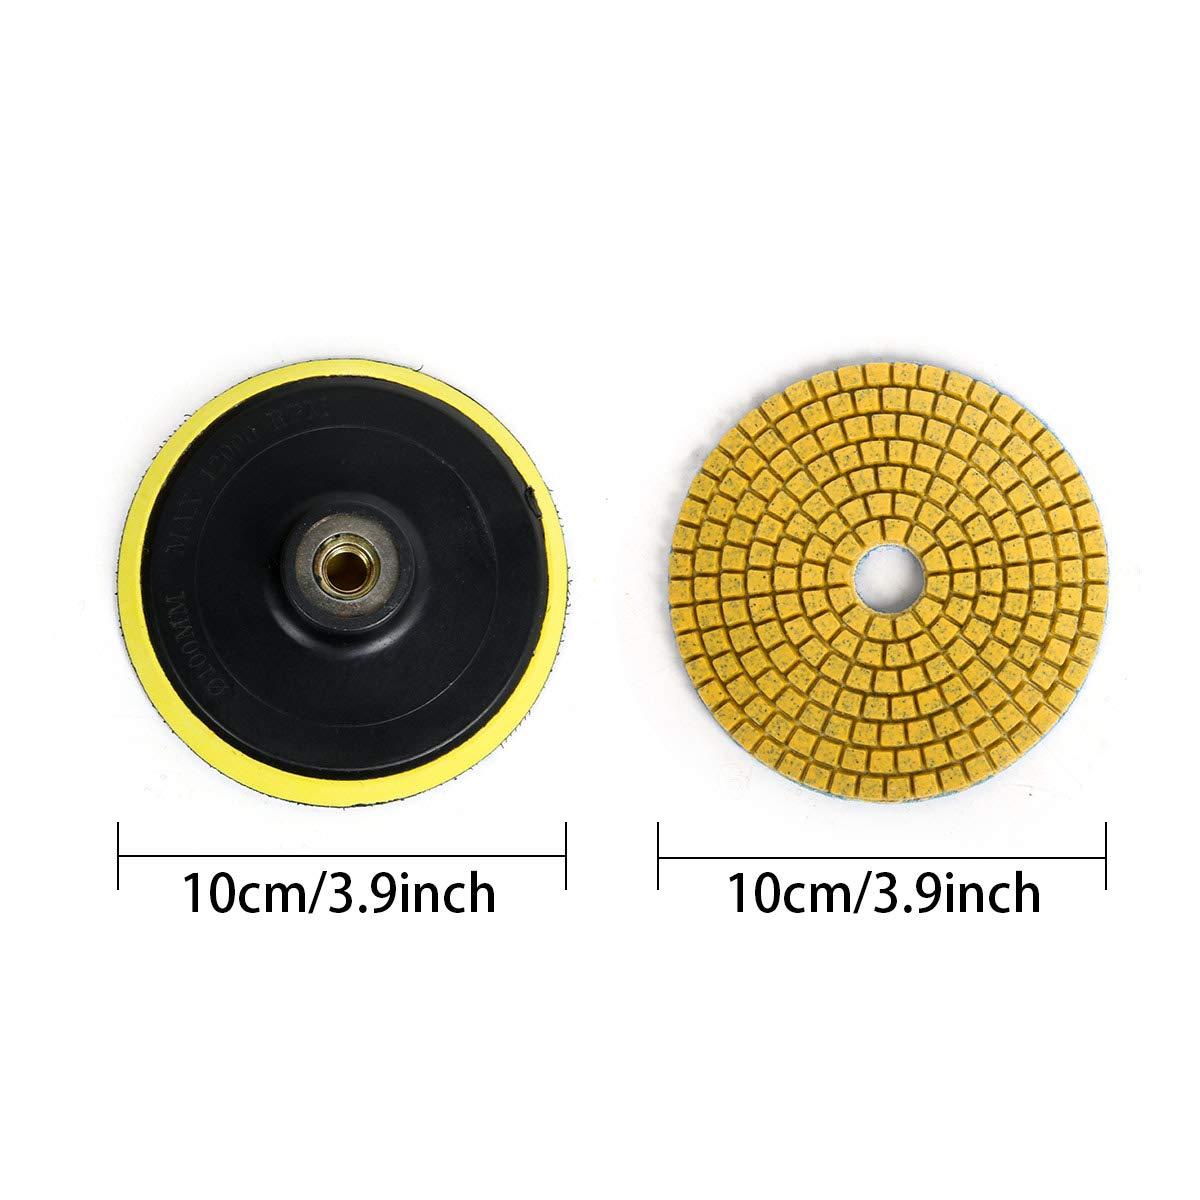 Funhoo 18pcs 4Tamponi per lucidatura del diamante e 1 cuscinetto autoadesivo M10 Dischi per lucidatura per pietre asciutte bagnate Accessori Ghiaia per rettificatrice Trapano per granito